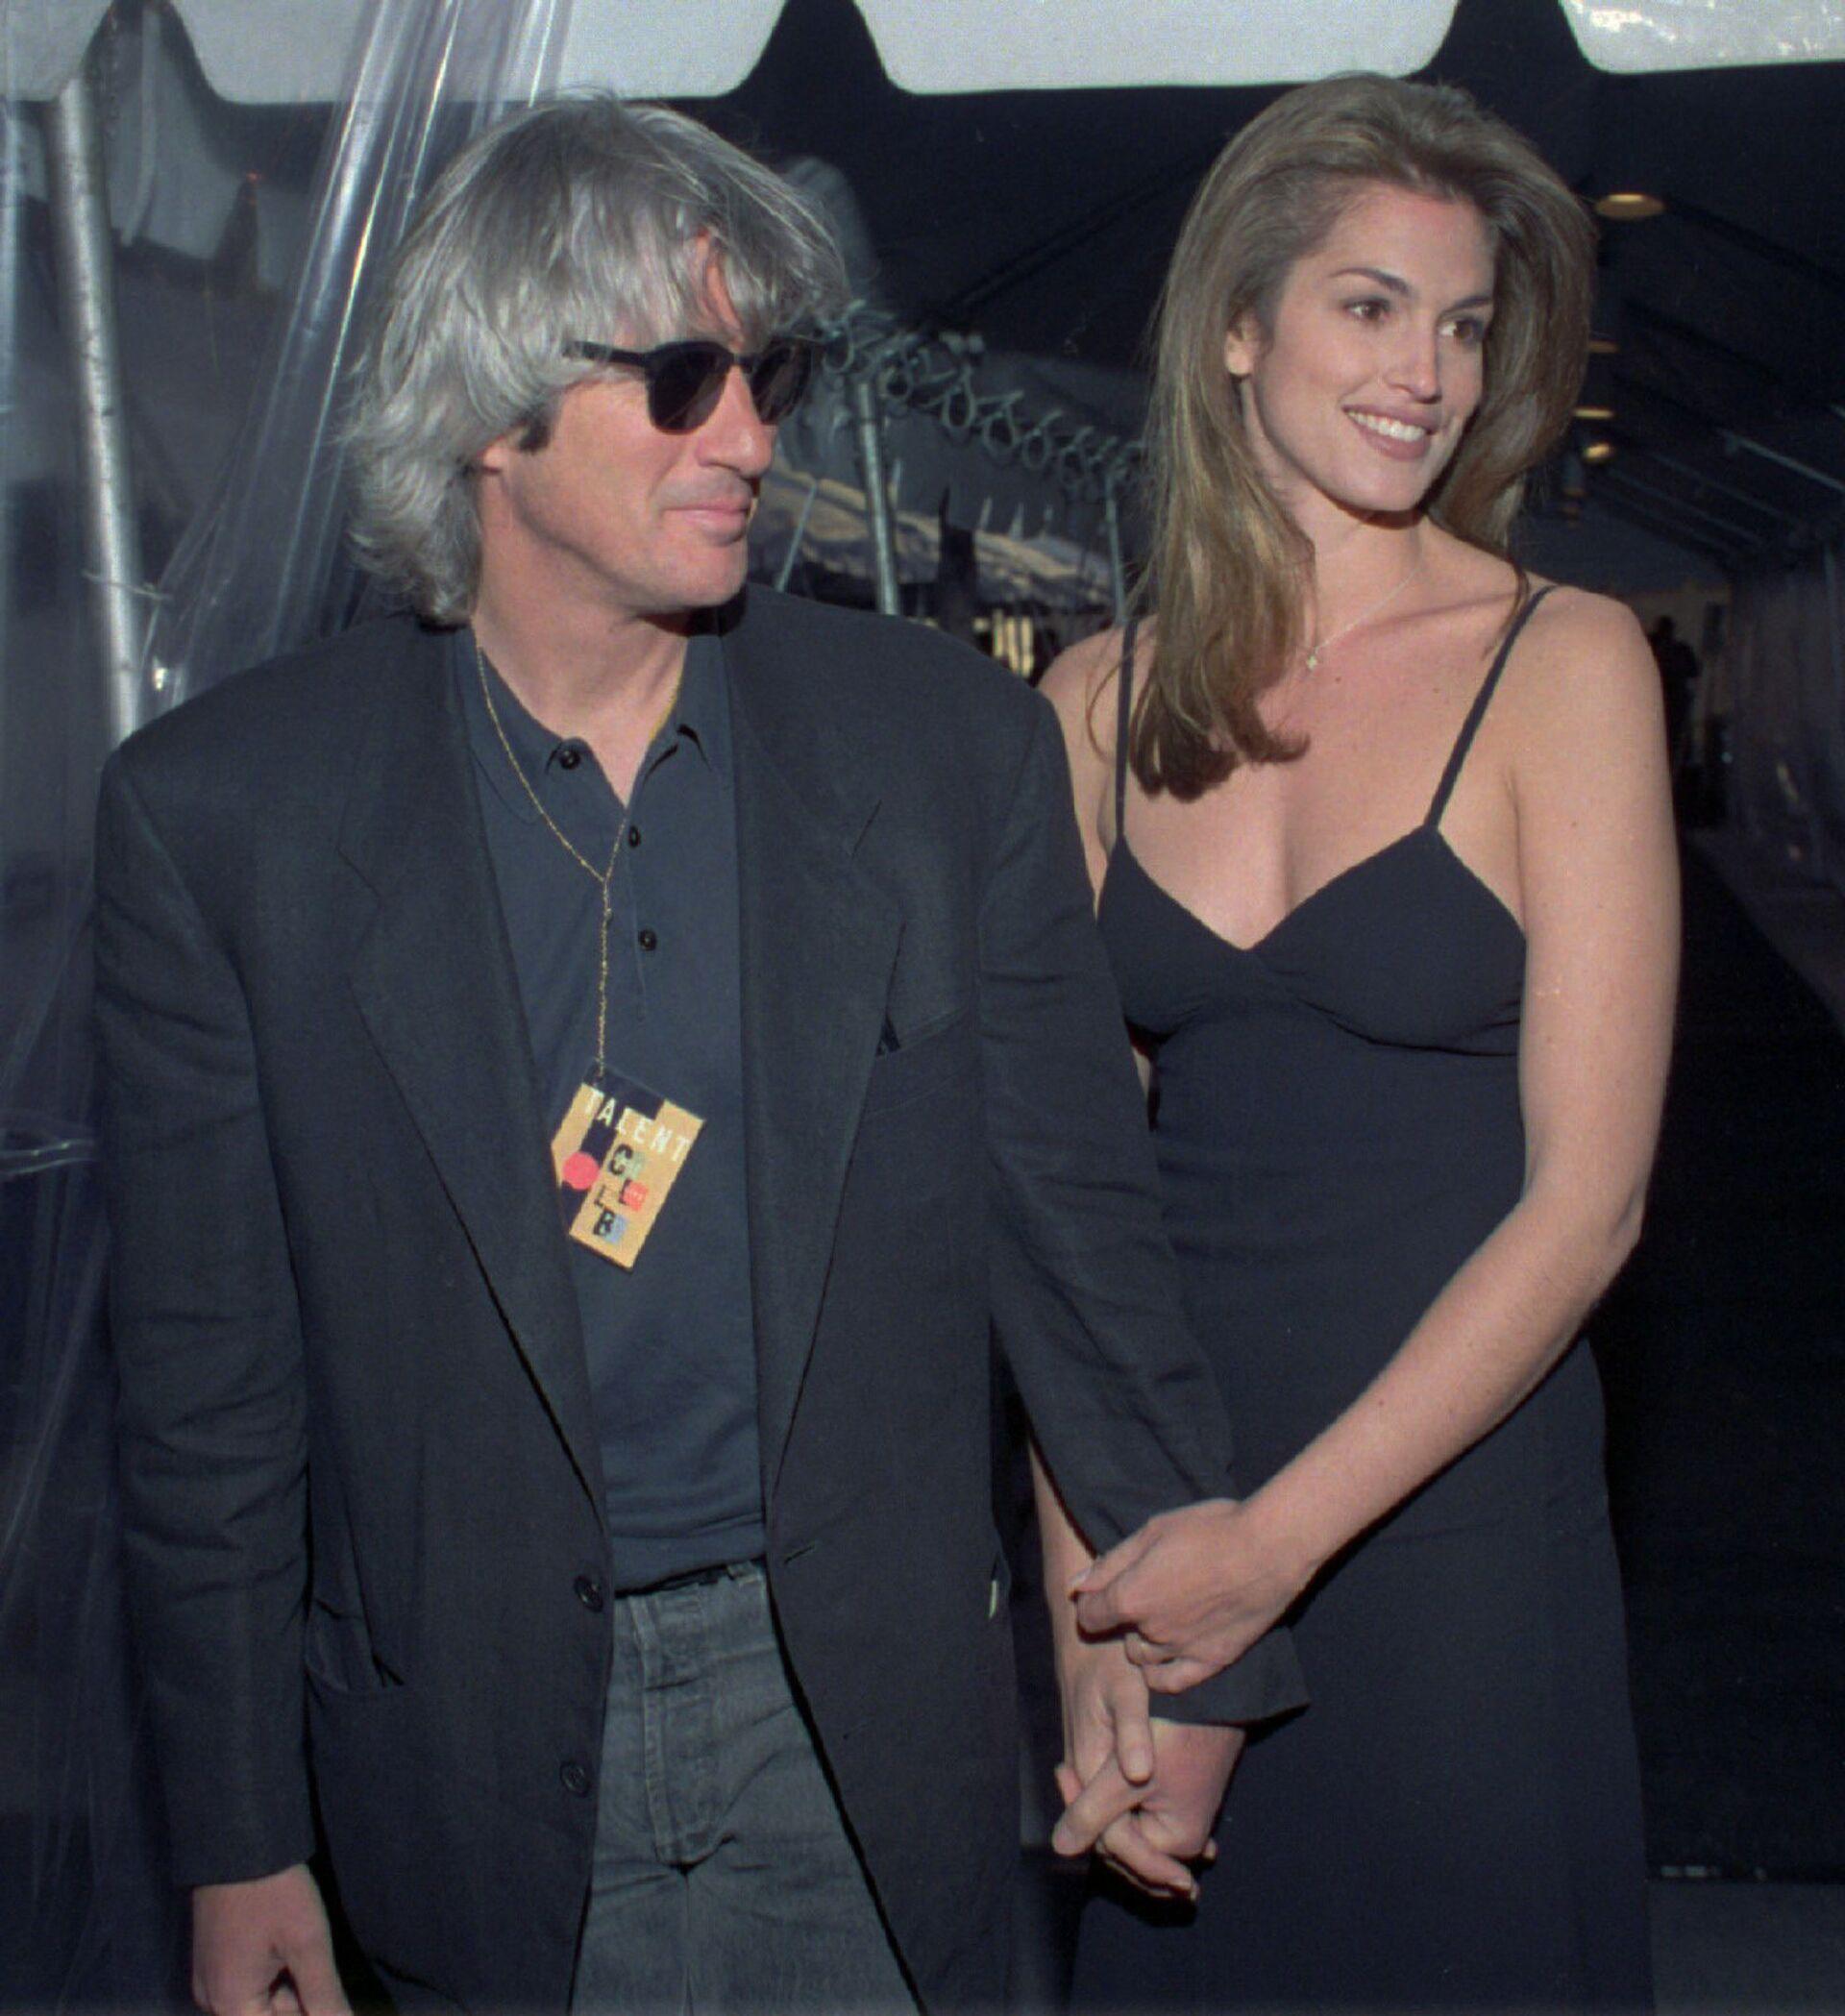 Модель Синди Кроуфорд и актер Ричард Гир в Линкольн-центре в Нью-Йорке, США. 1994 - РИА Новости, 1920, 02.10.2020